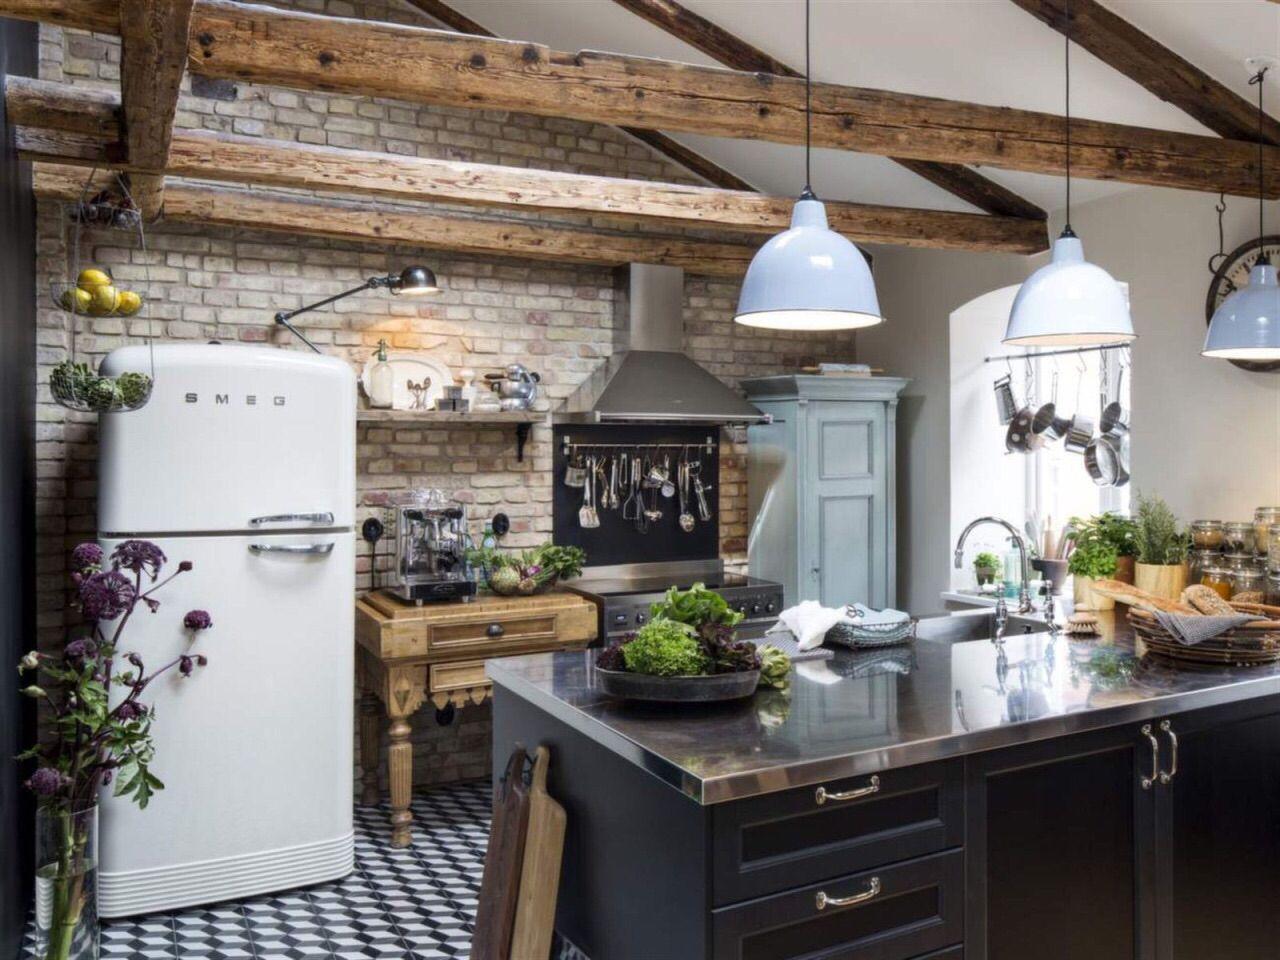 Pin von C C auf Interior Design | Pinterest | Küche, individuelle ...